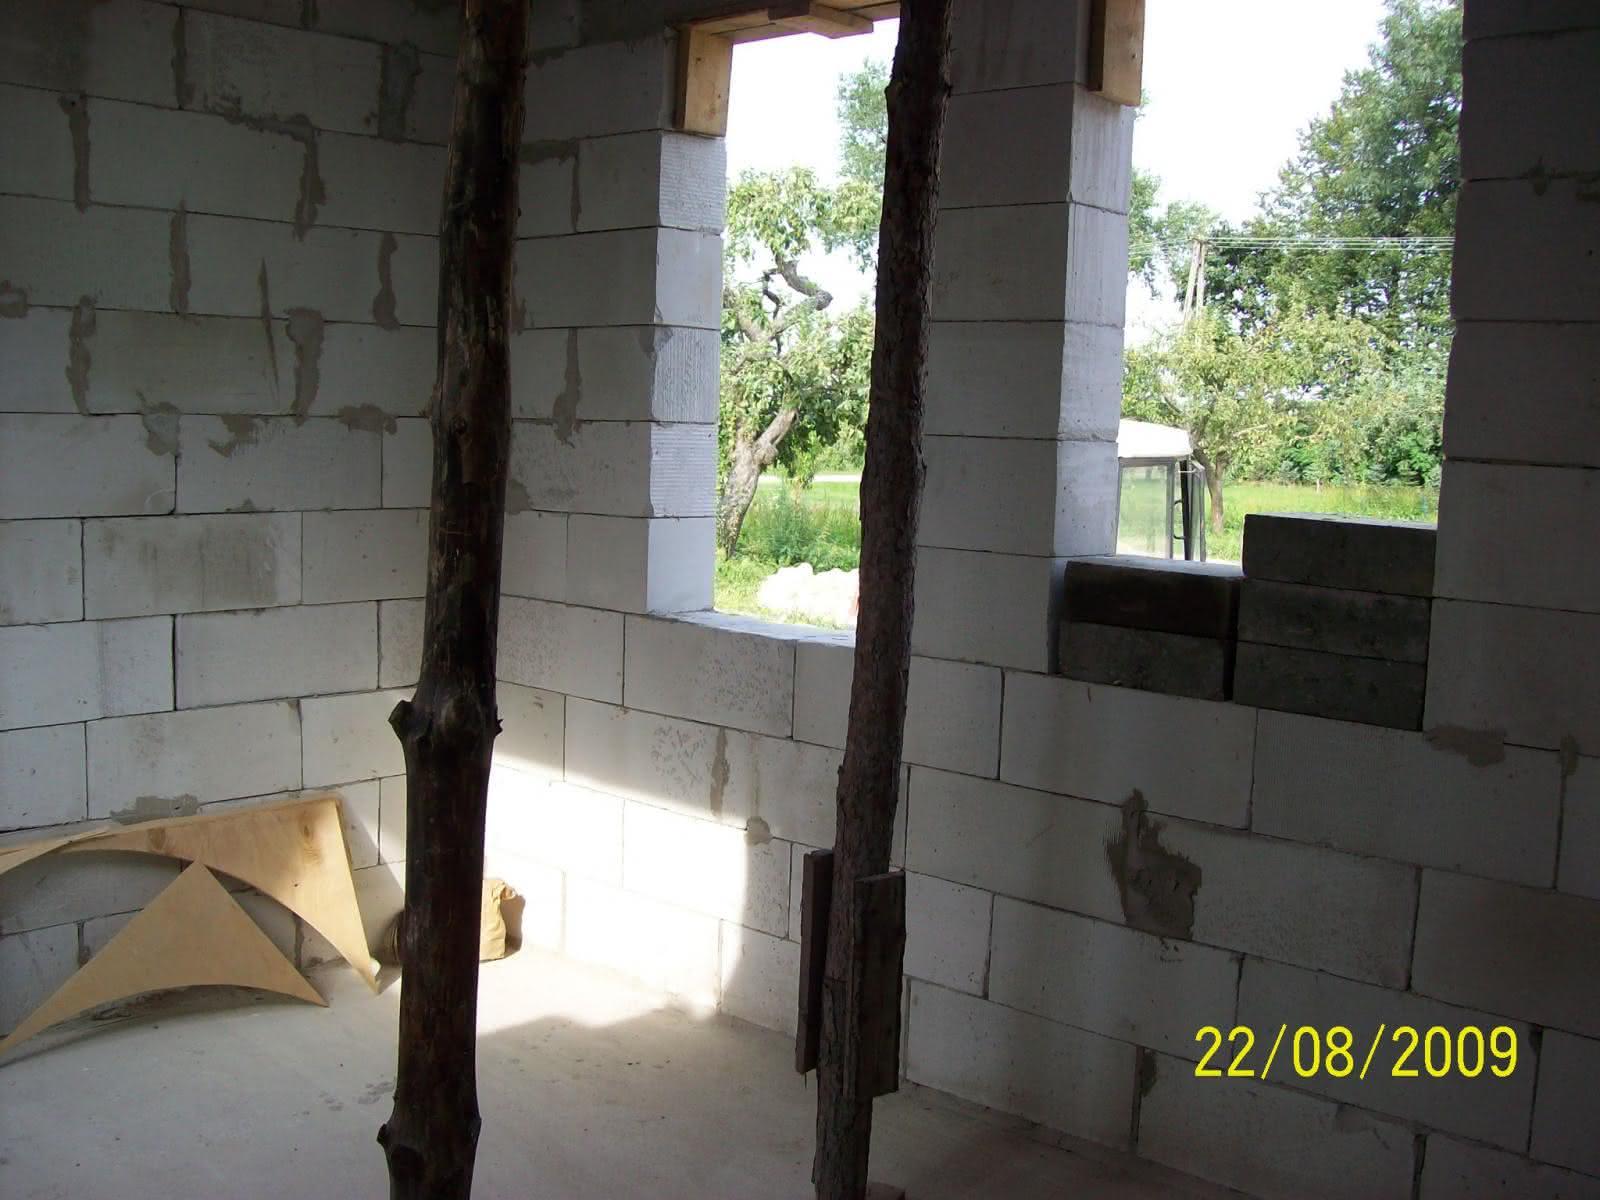 Budowa_domu2_057.jpg